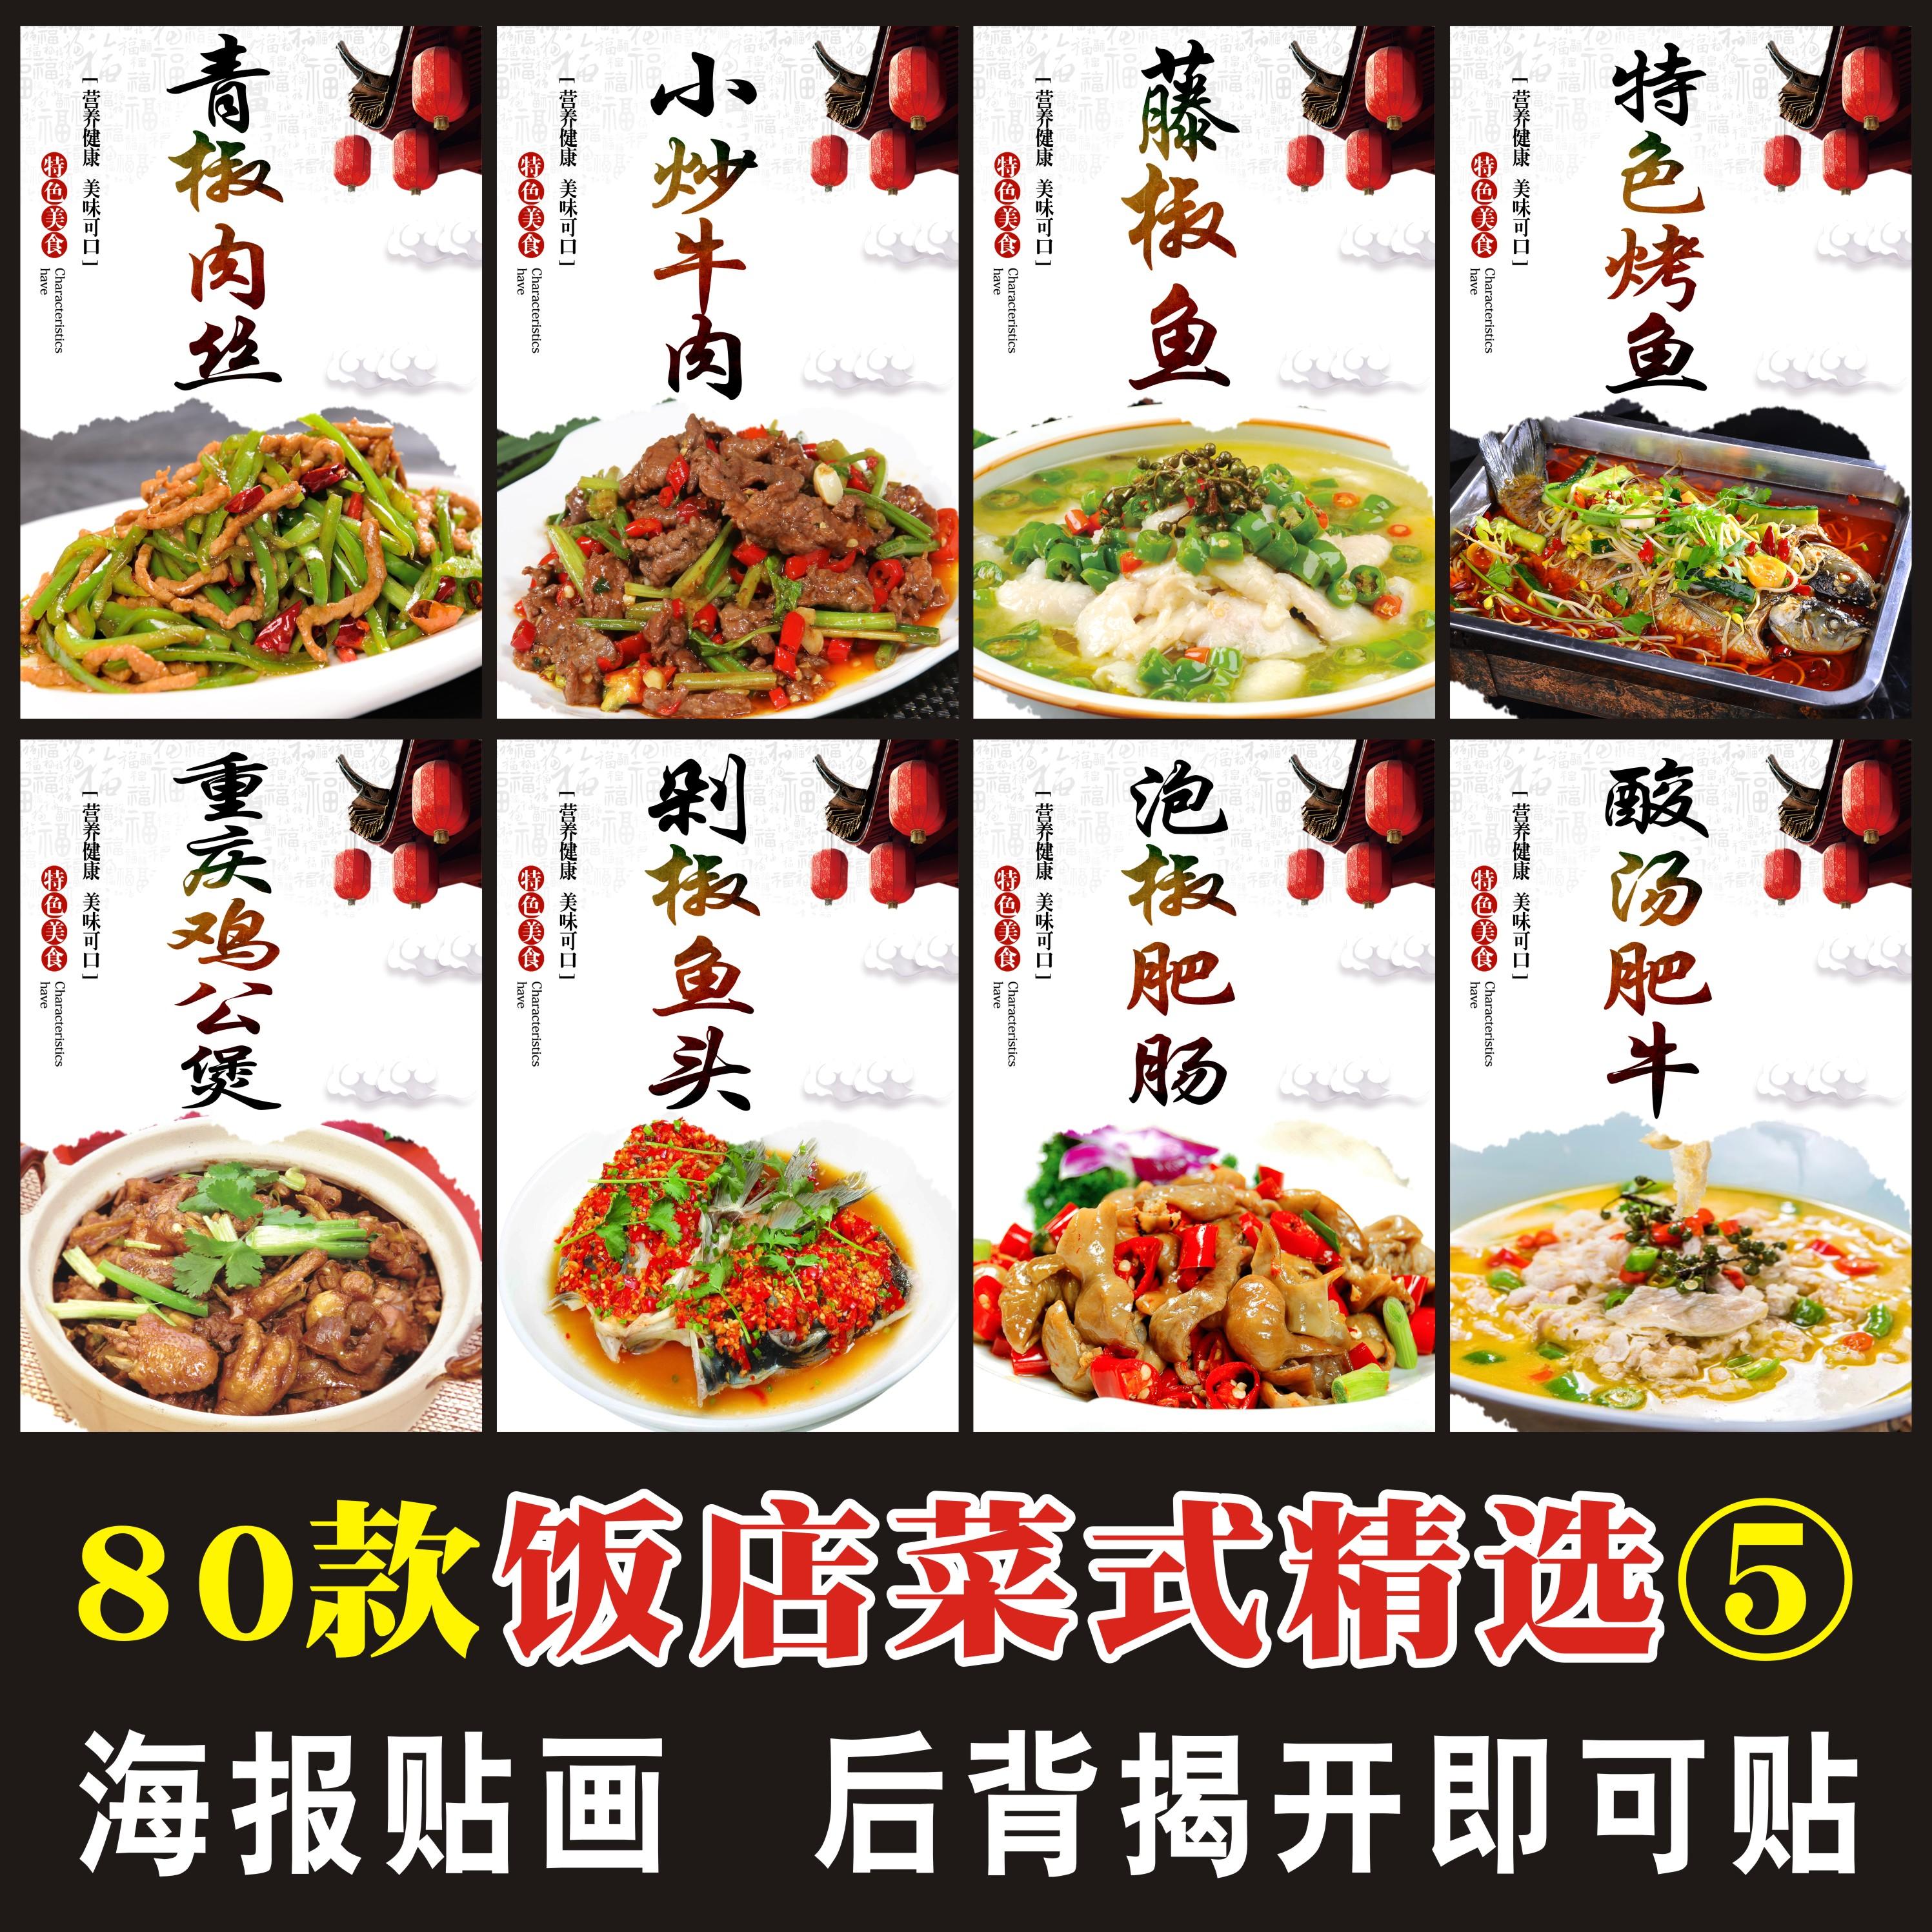 酸菜鱼海报贴纸烤鱼贴画牛蛙广告防水墙贴饭店炒菜式贴纸菜品图片